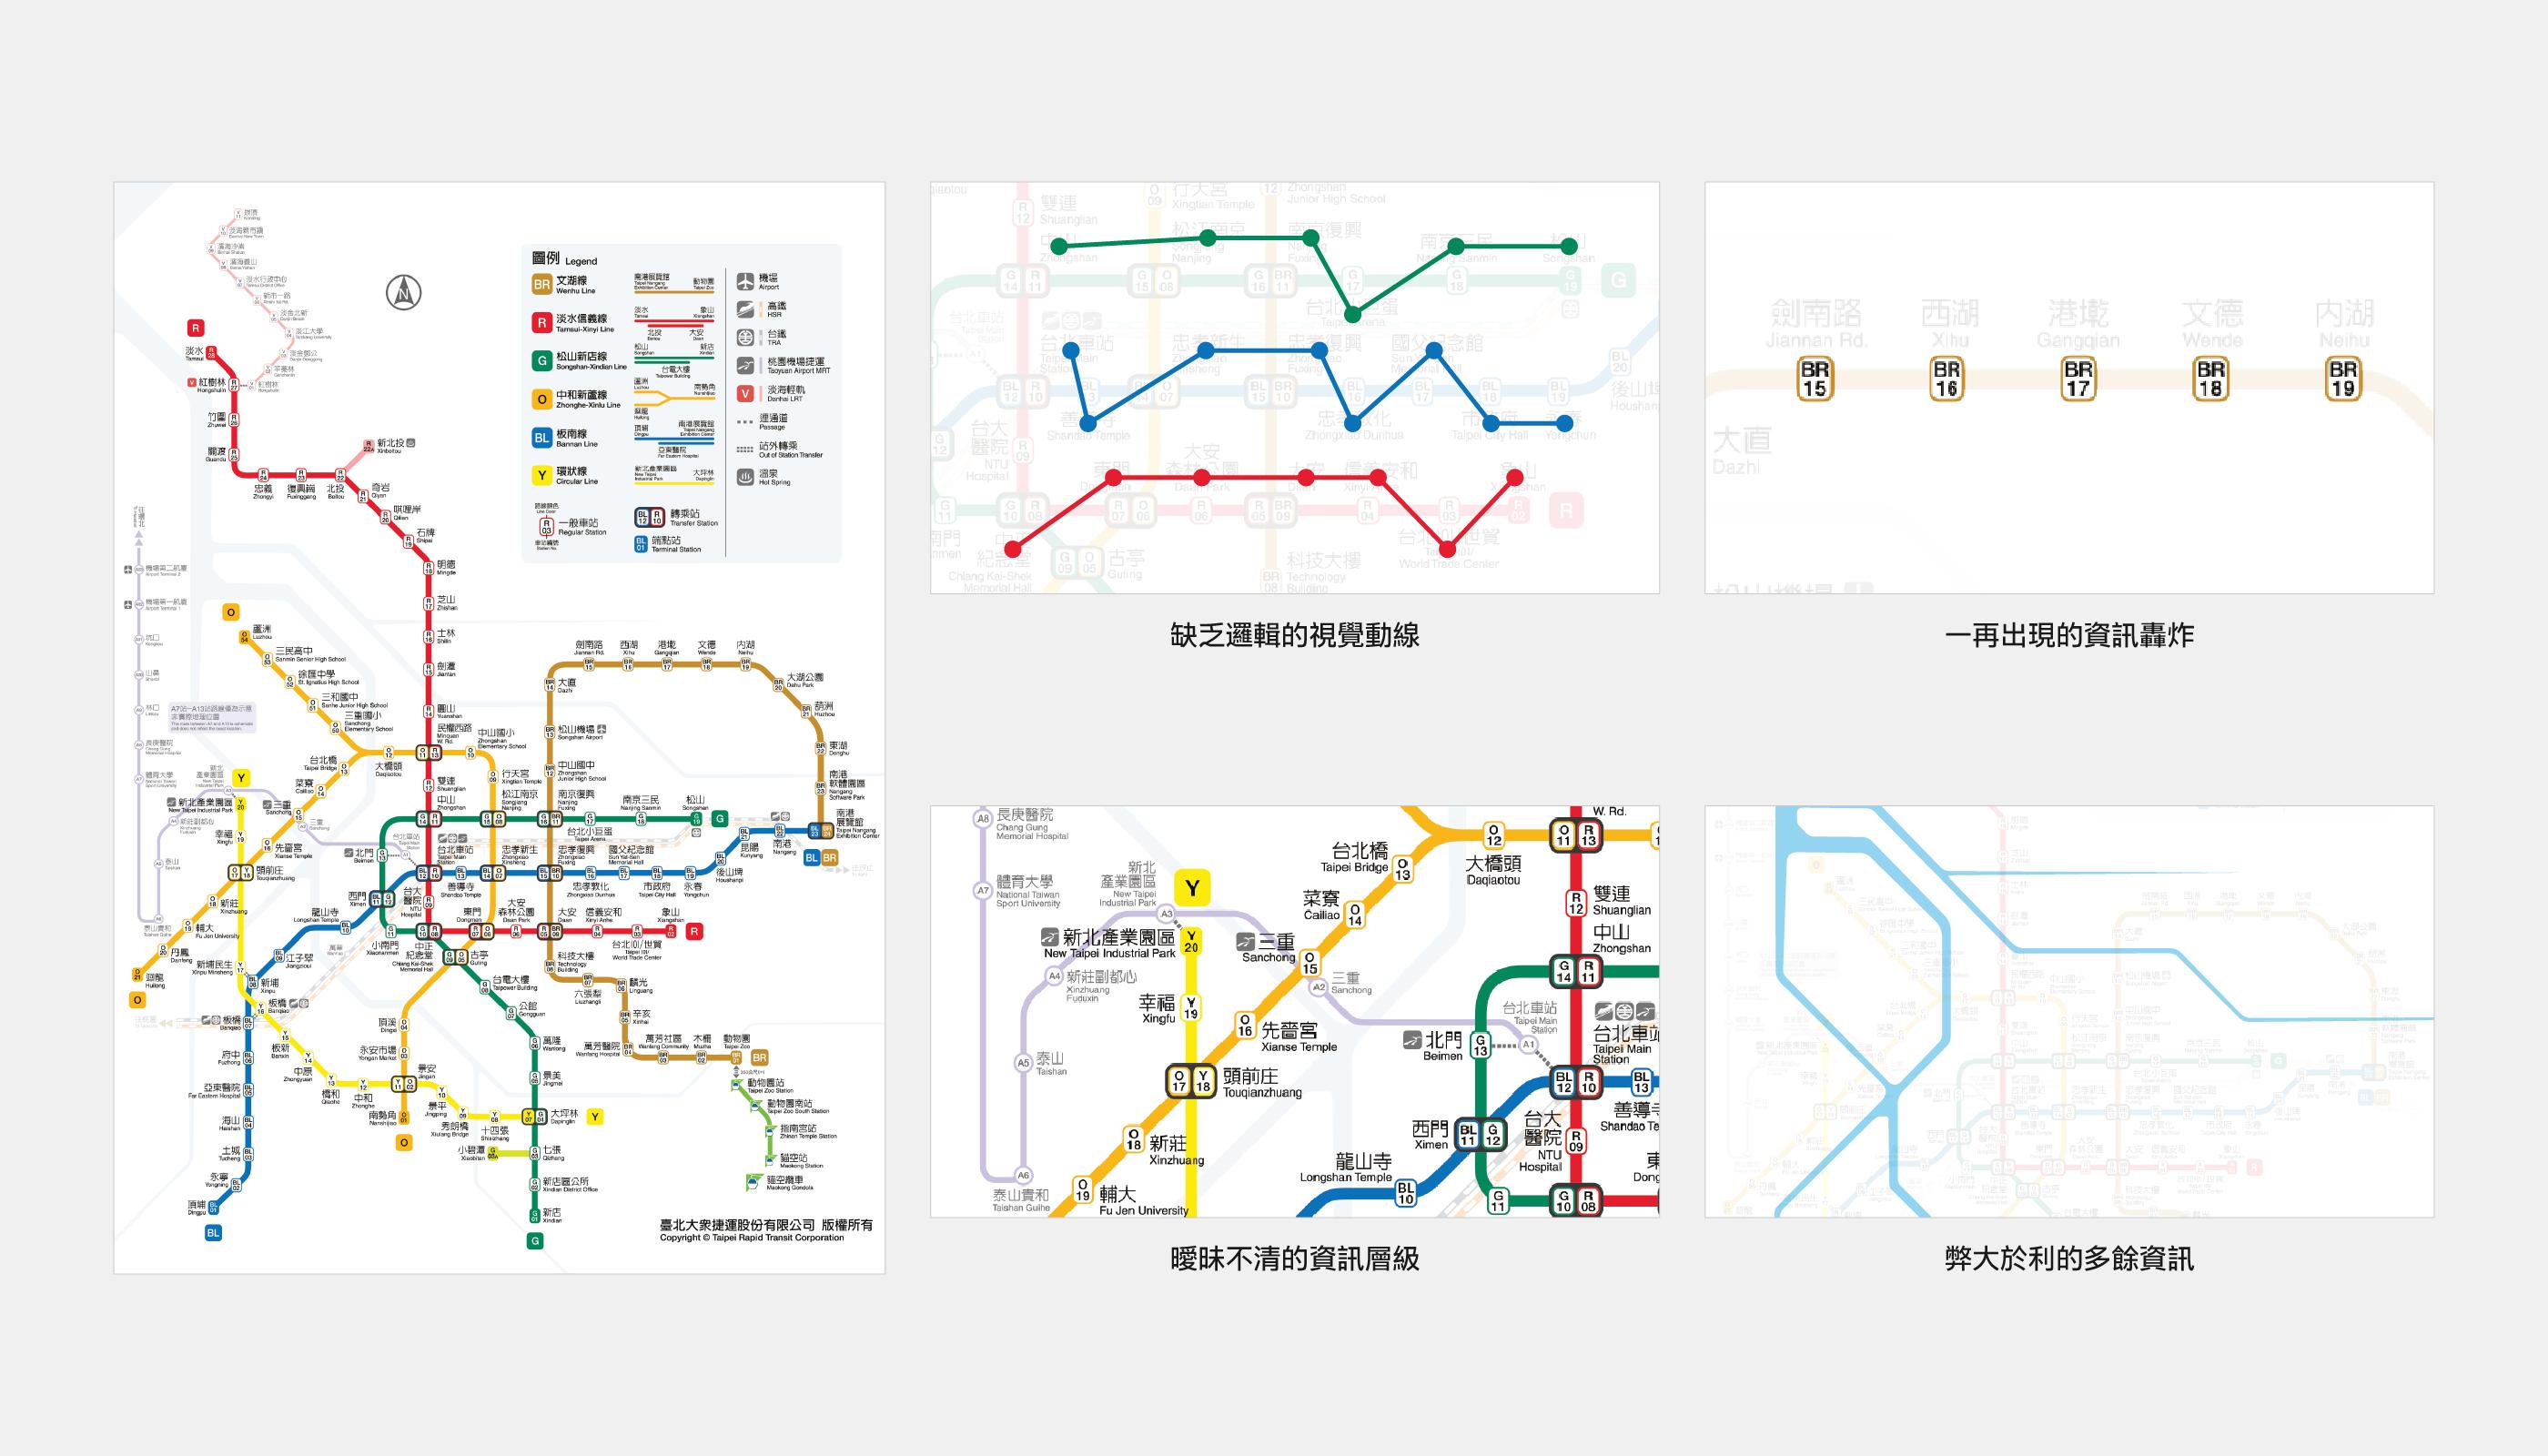 現行版本臺北捷運路線圖的缺陷